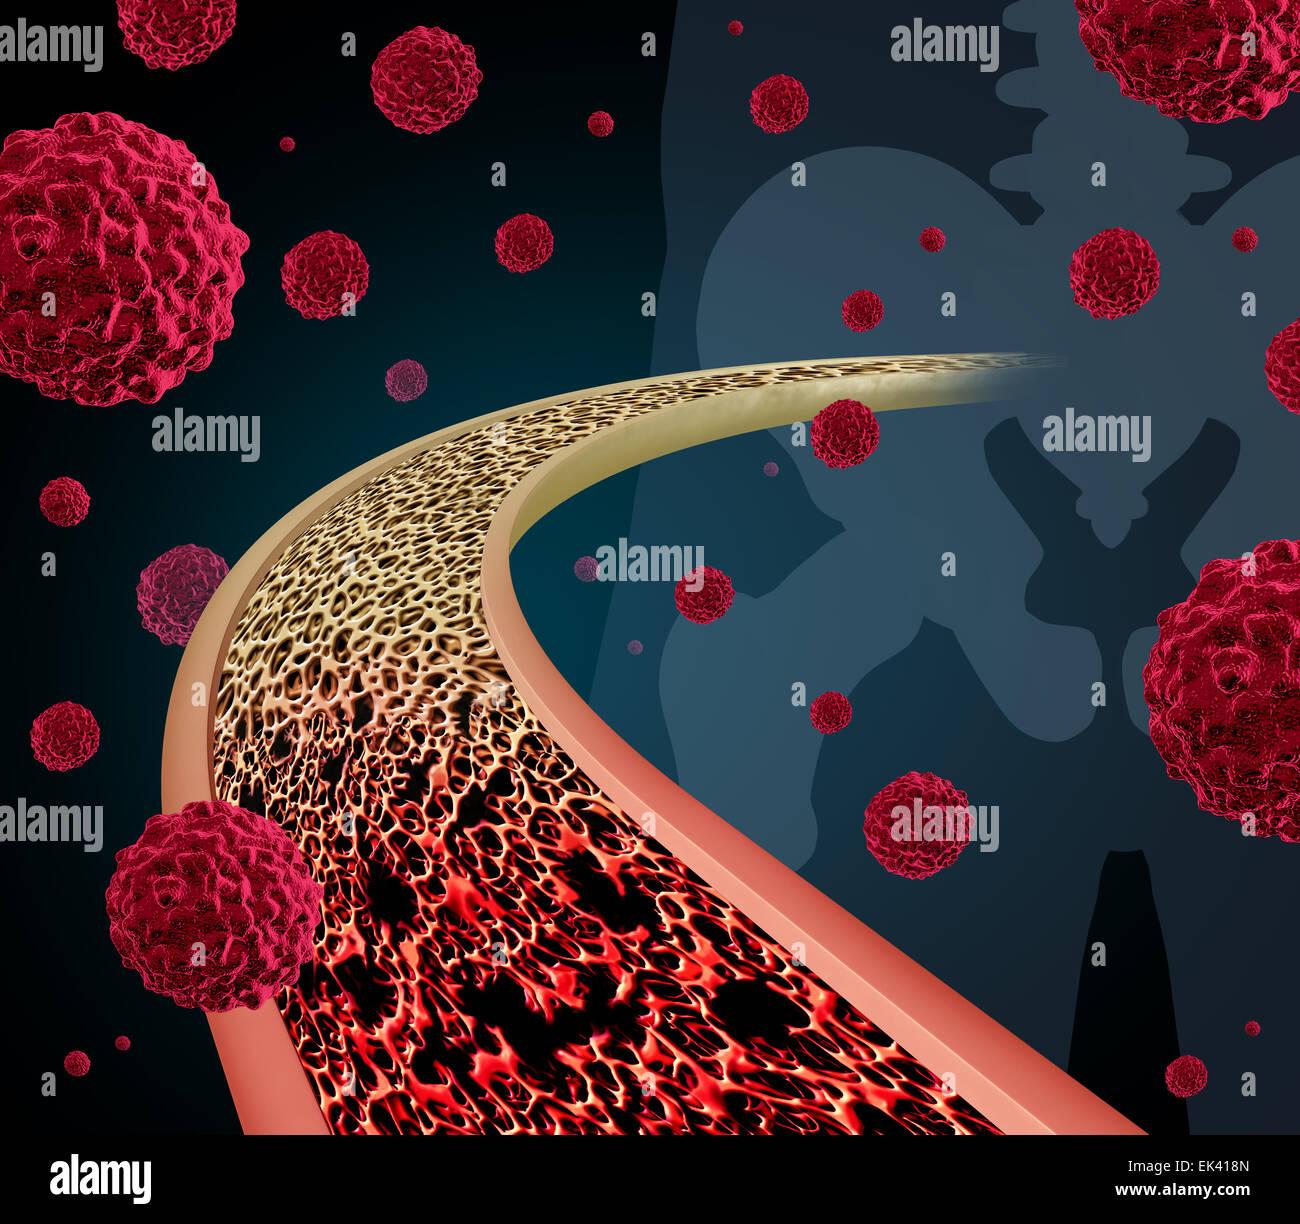 Knochen Krebs Konzept Illustration als eine Nahaufnahme Diagramm aus dem Inneren des menschlichen Knochen aus einem Stockbild